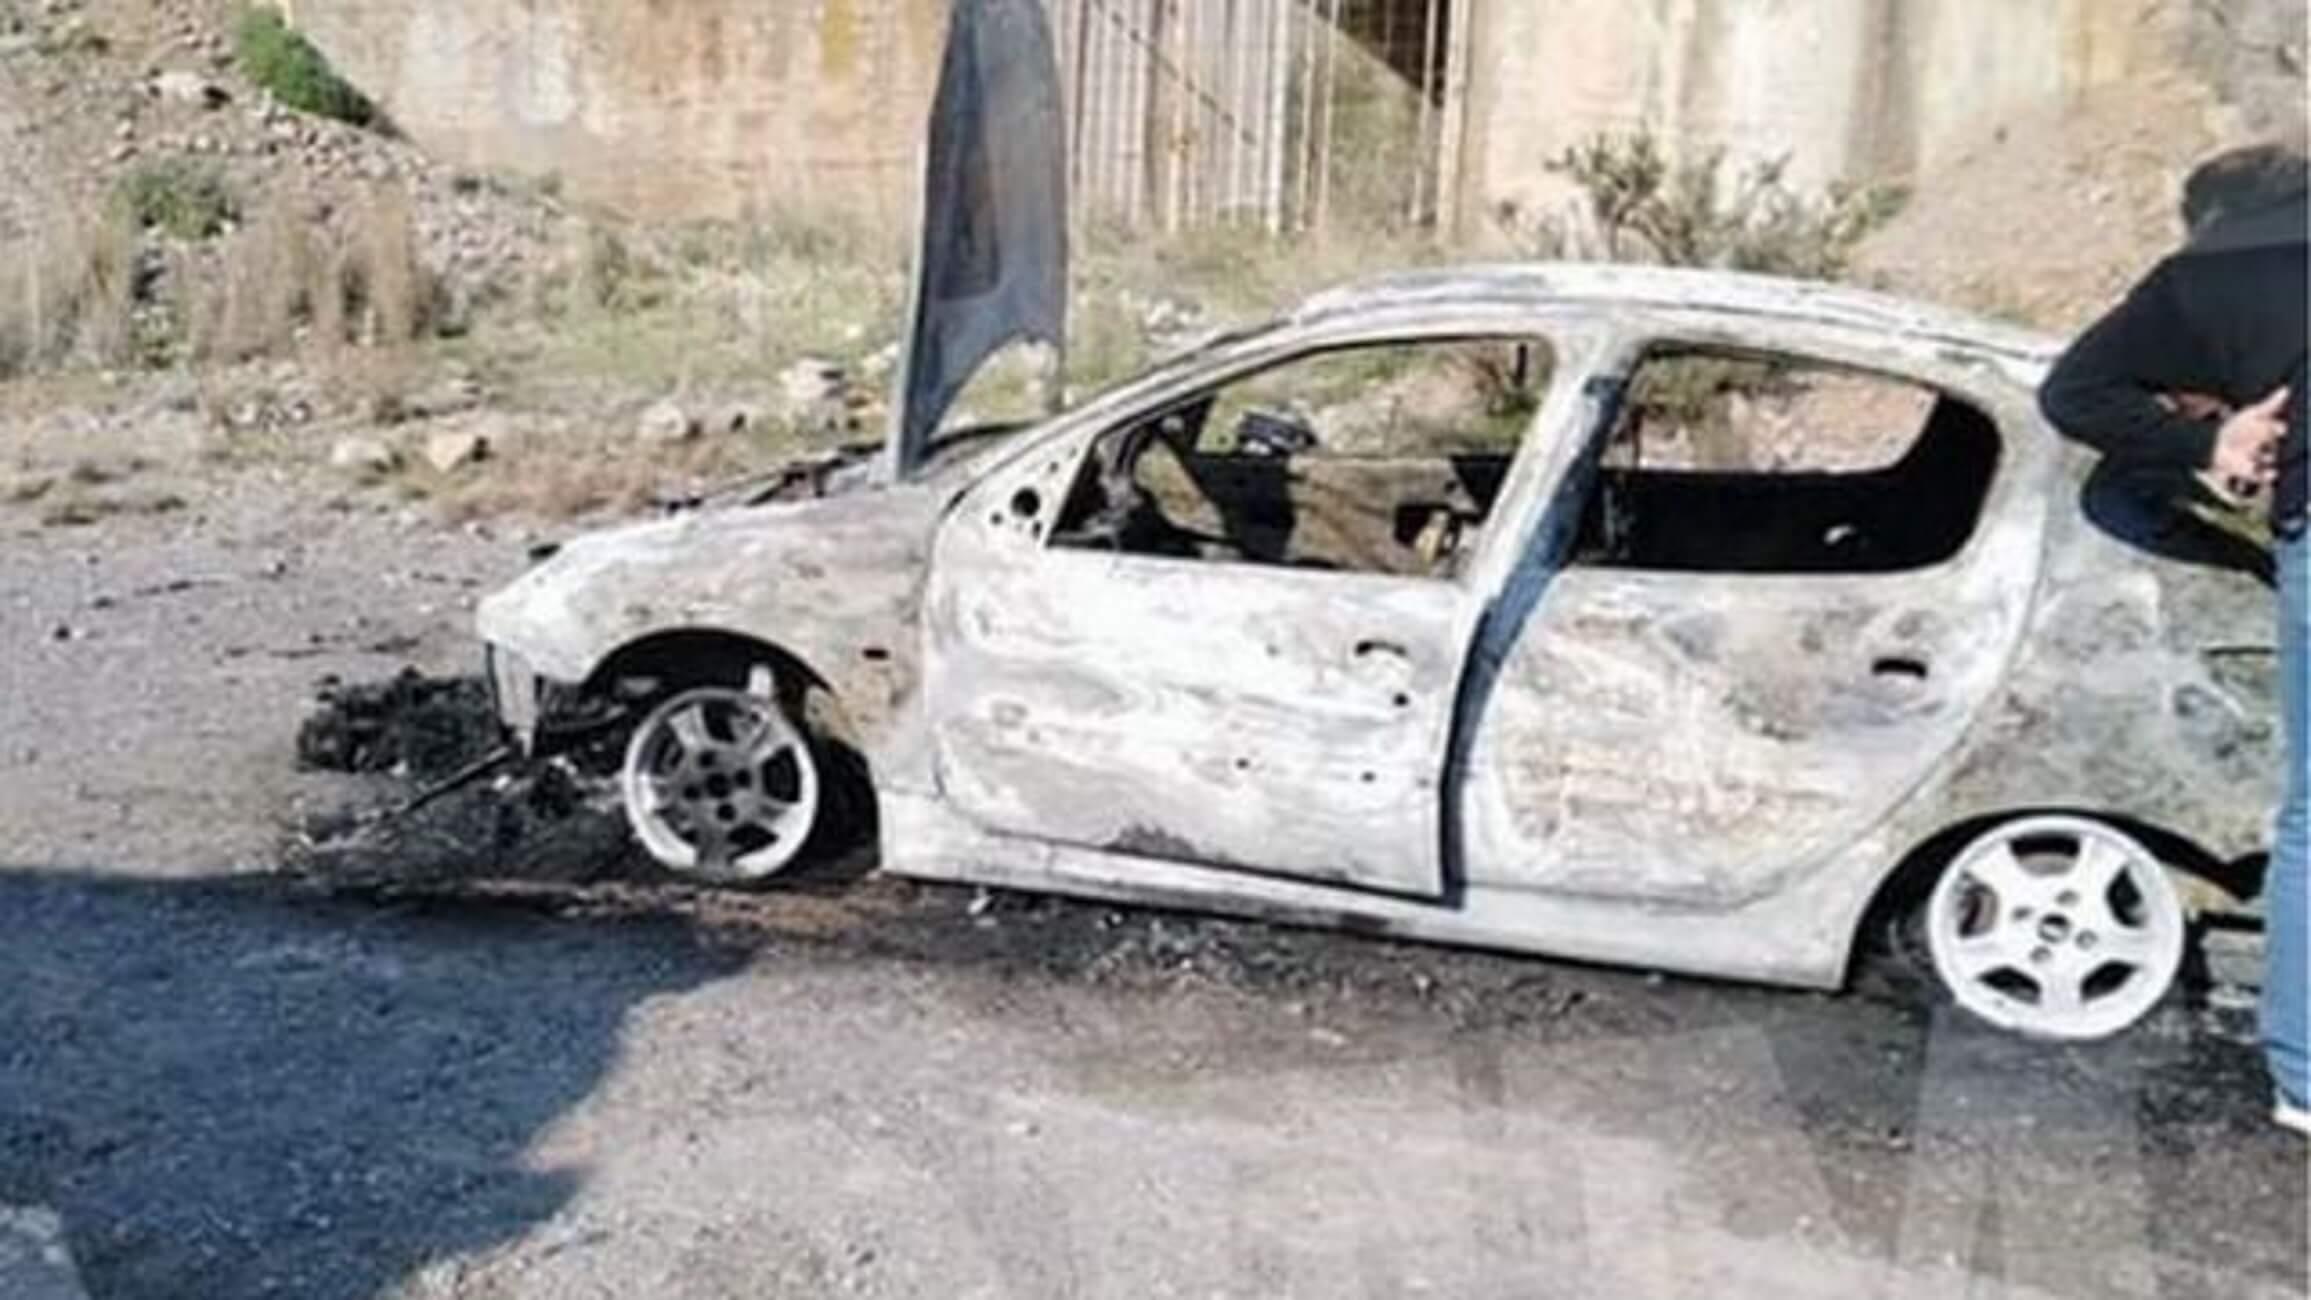 Άμφισσα: Λύθηκε το μυστήριο με την ταυτότητα του απανθρακωμένου άντρα μέσα σε αυτό το αυτοκίνητο!